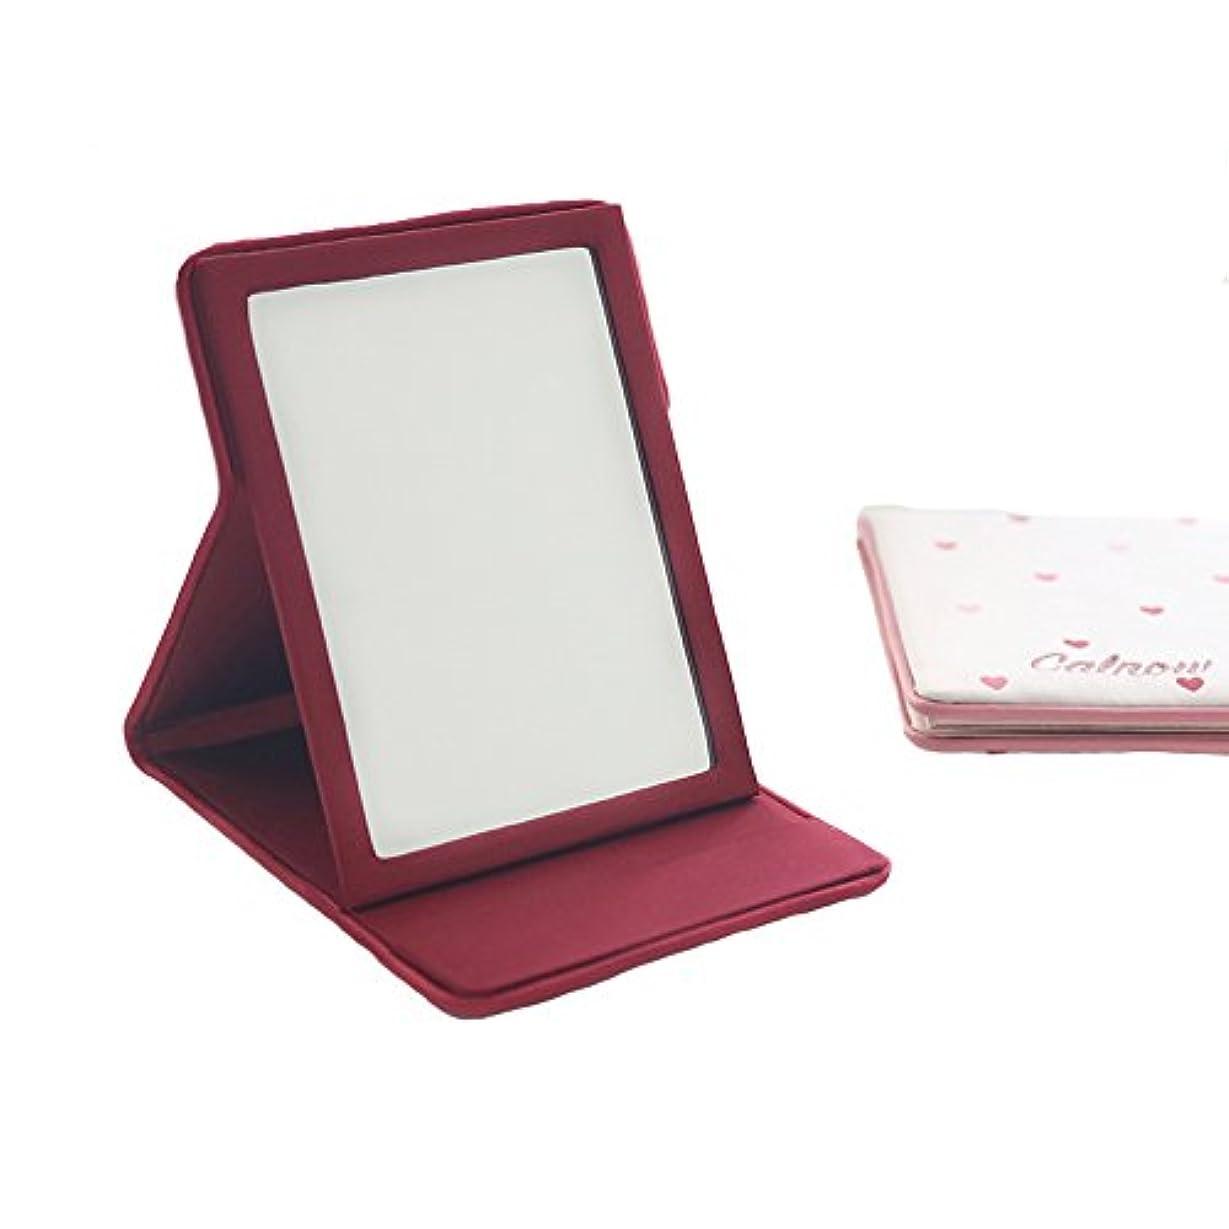 強調するヒューム立方体MYOMYO化粧鏡 卓上ミラー 卓上スタンドミラー 折りたたみミラー 旅行鏡 旅行適用 (ピンク)